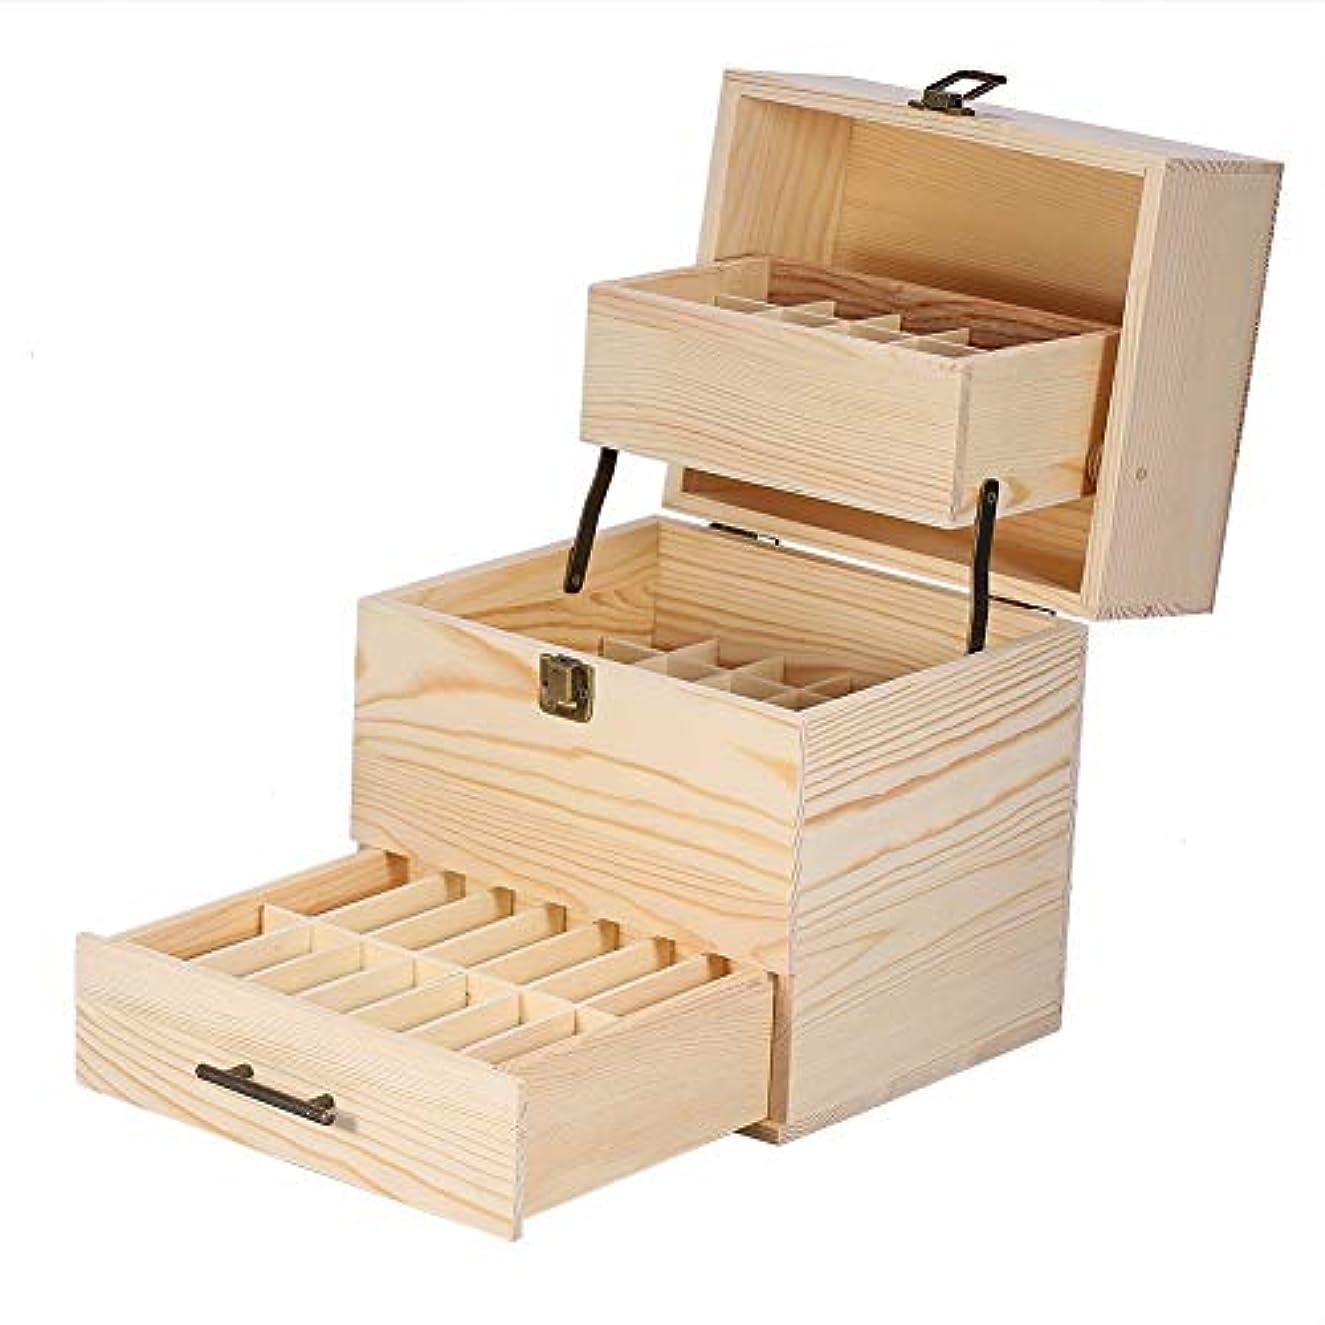 証明する皮肉な流す木製の三層エッセンシャルオイル収納ボックス